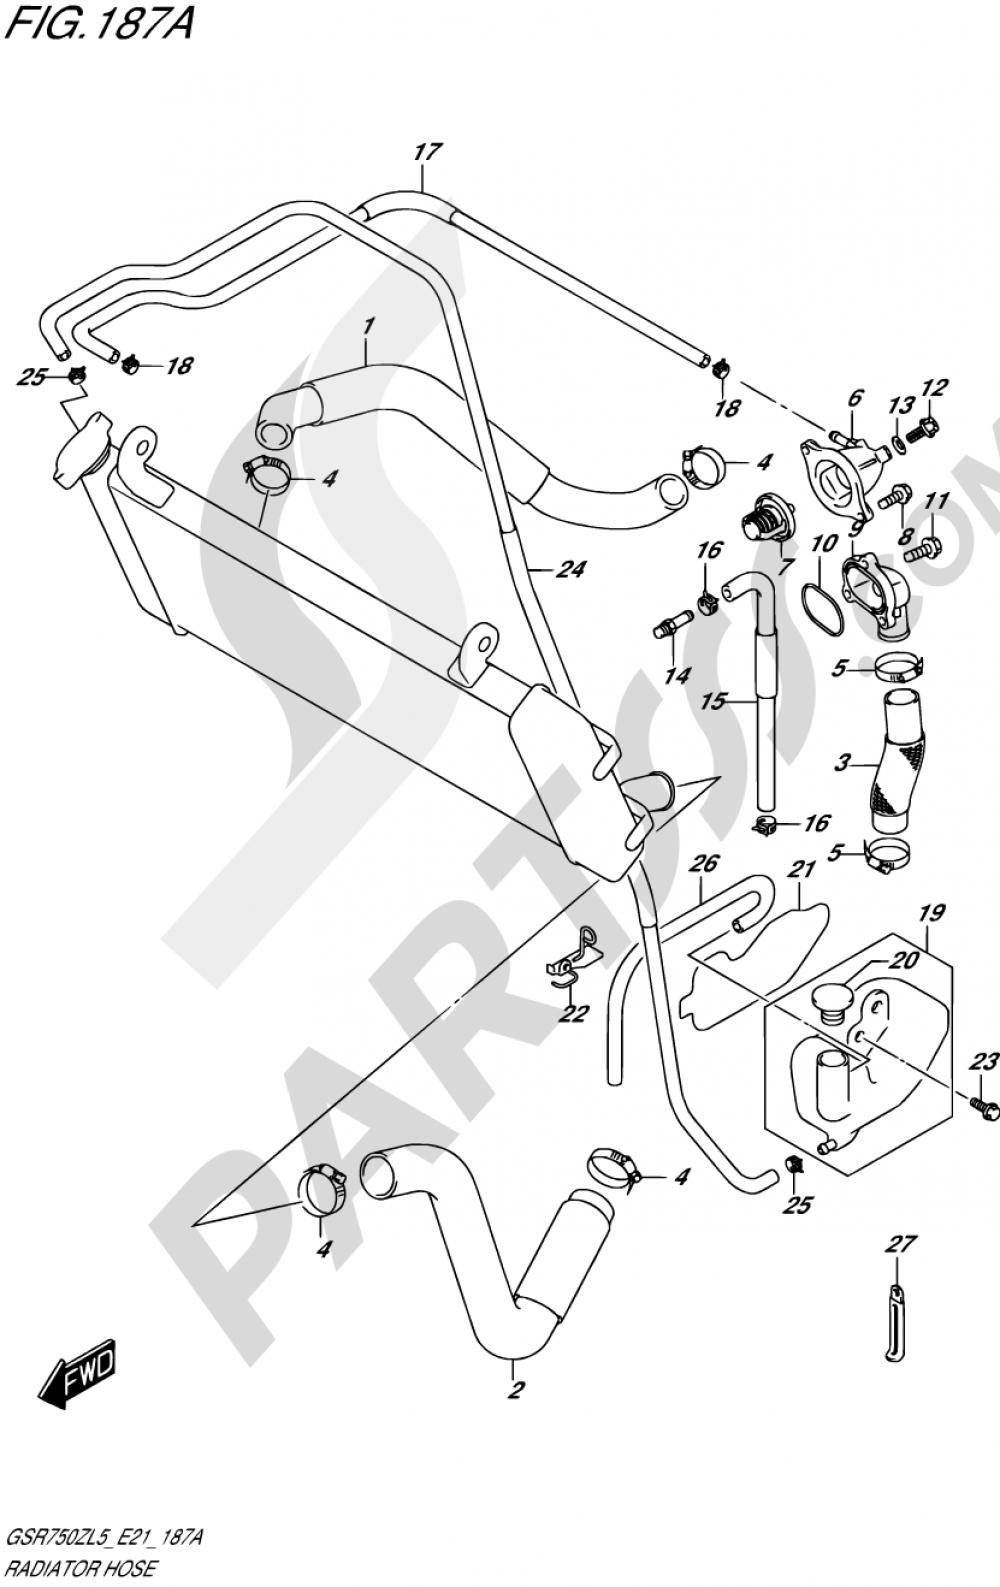 187A - RADIATOR HOSE Suzuki GSR750Z 2015